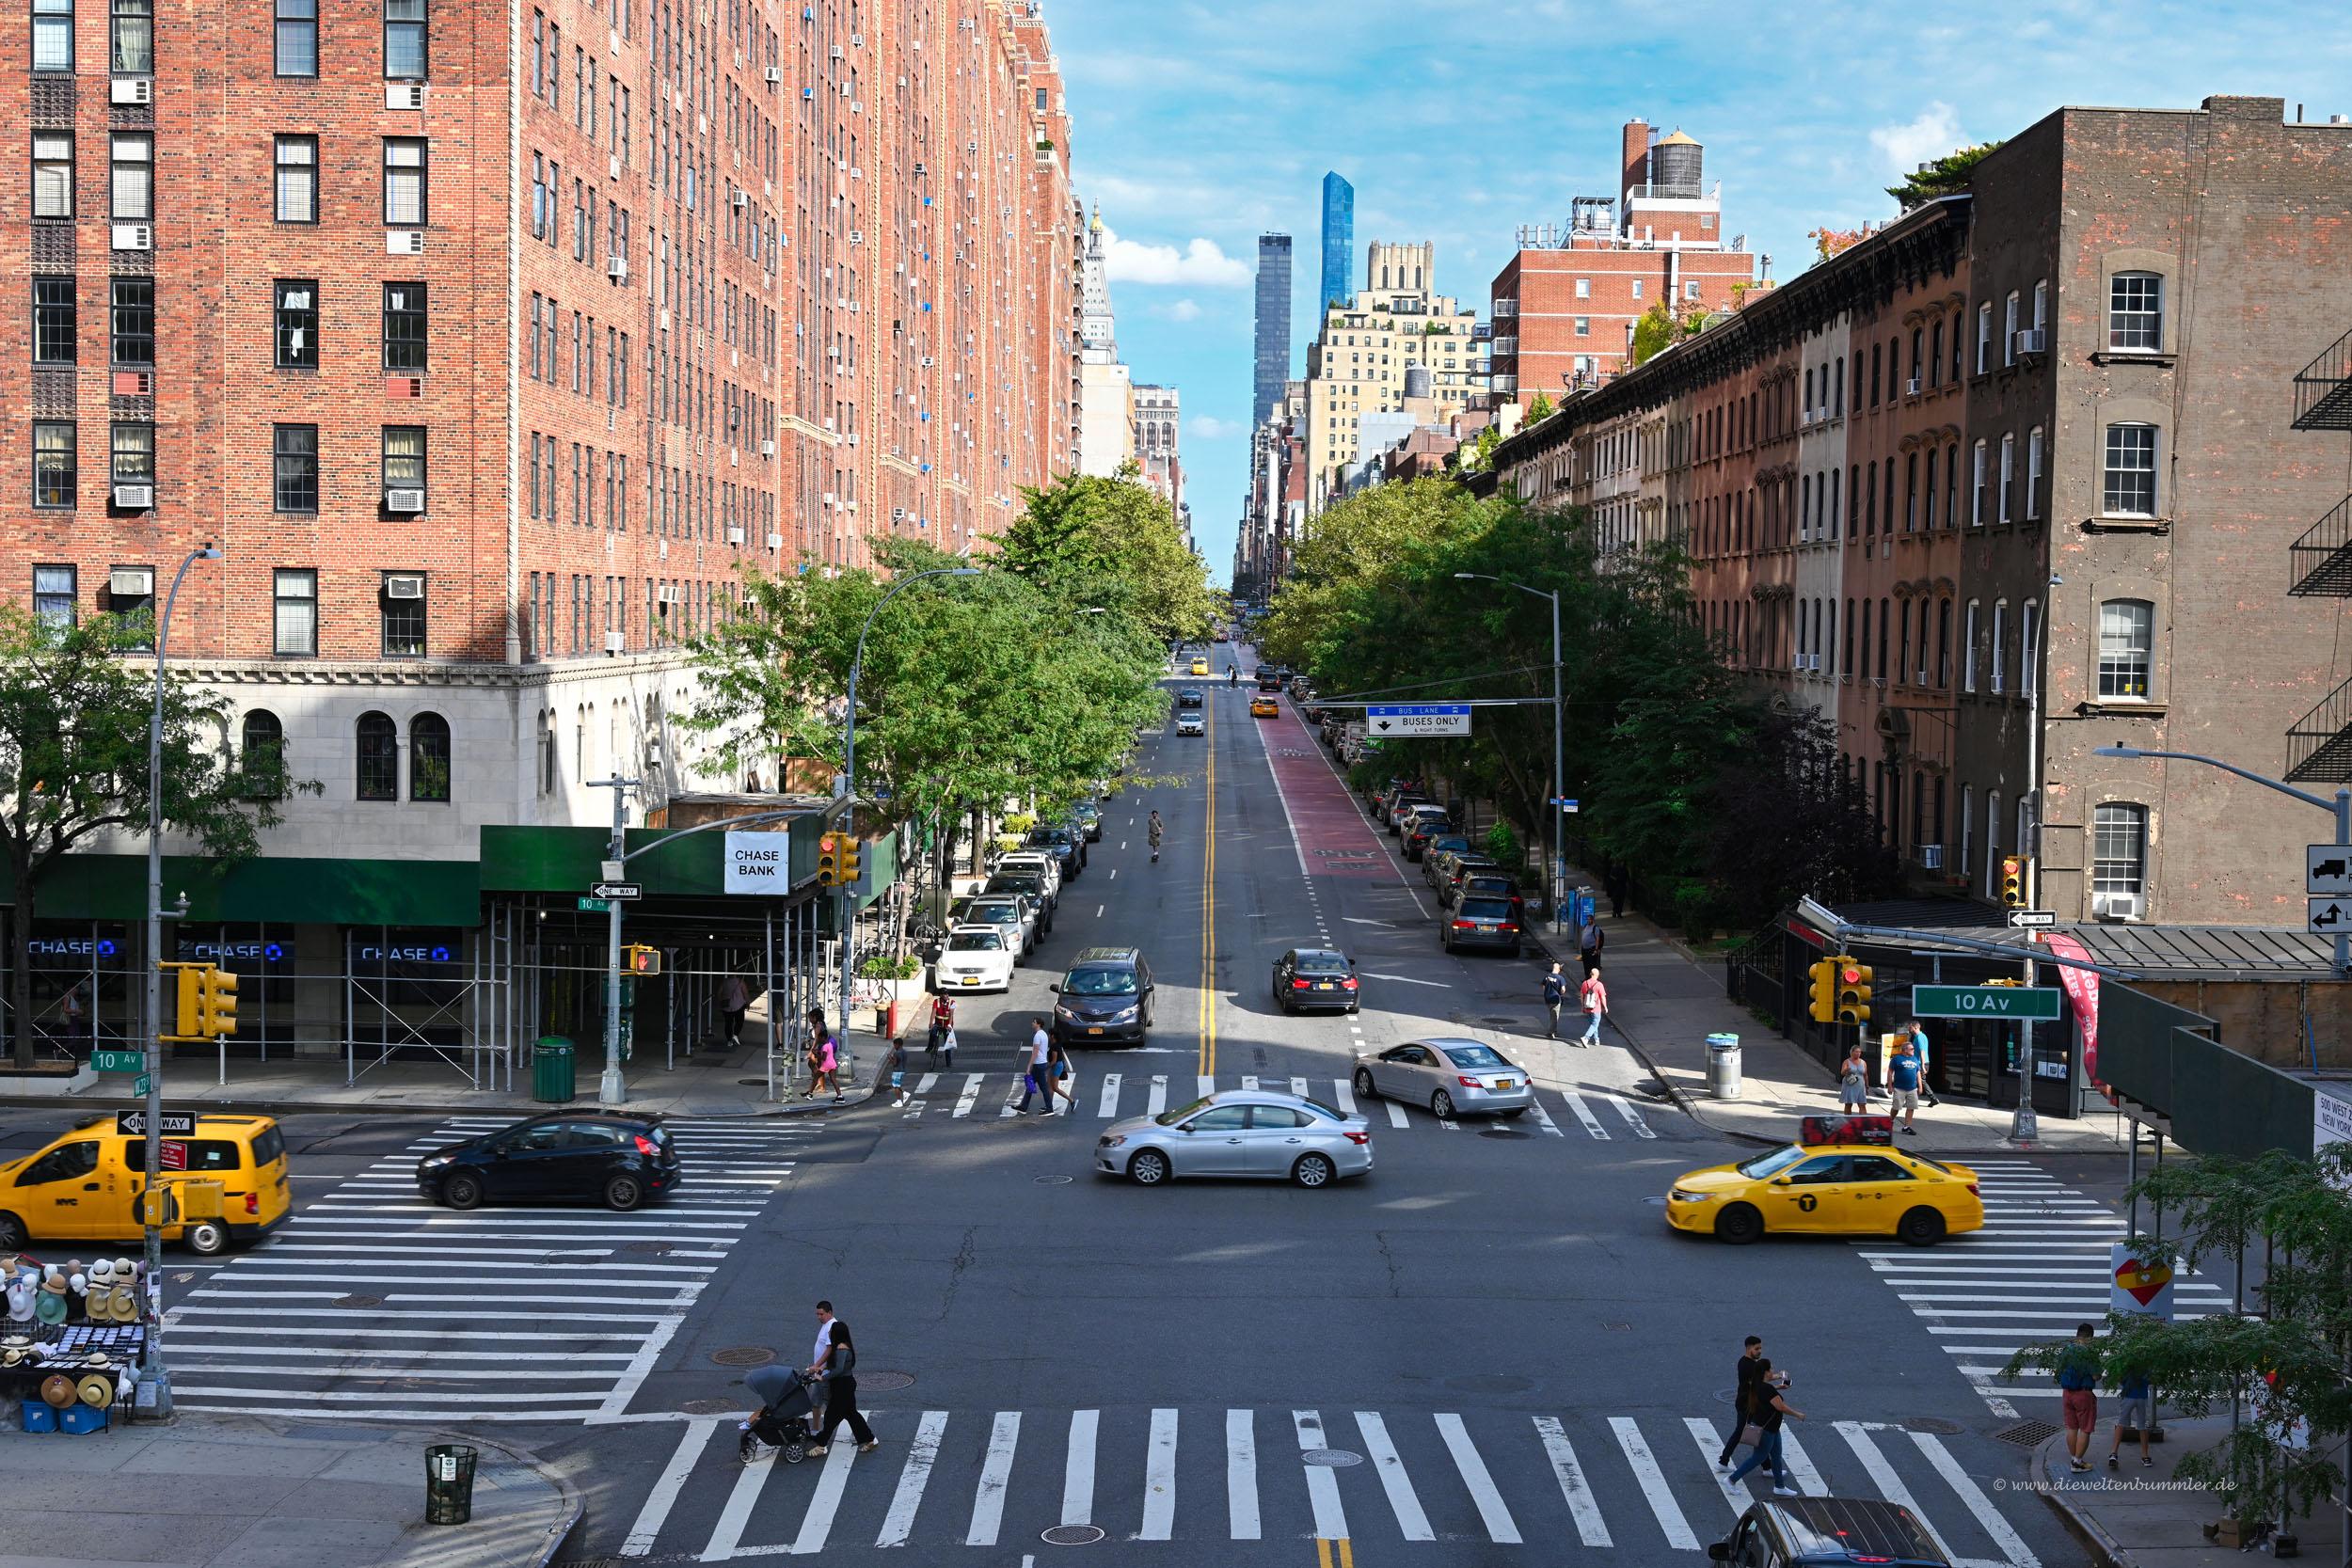 Die 10th Avenue verläuft parallel